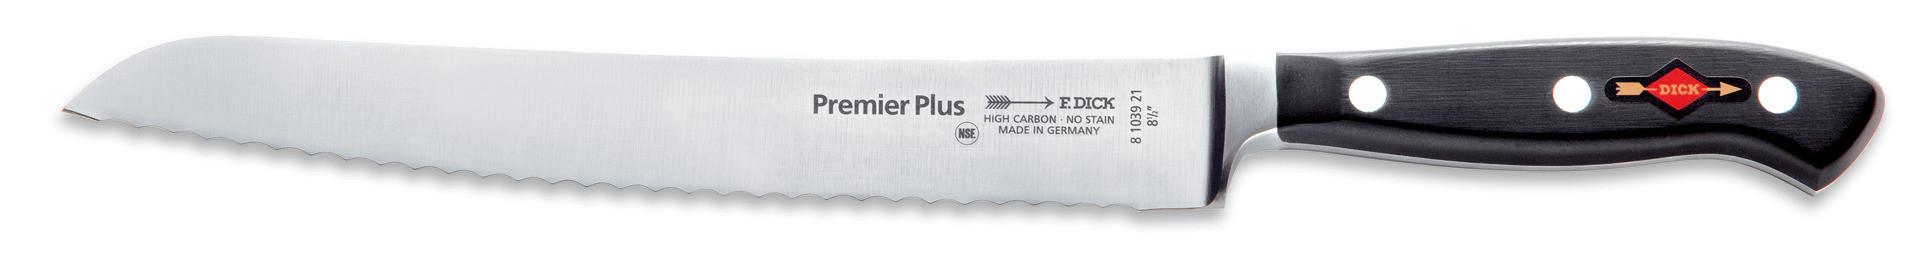 Premier Plus, Brotmesser Klingenlänge 210 mm Wellenschliff